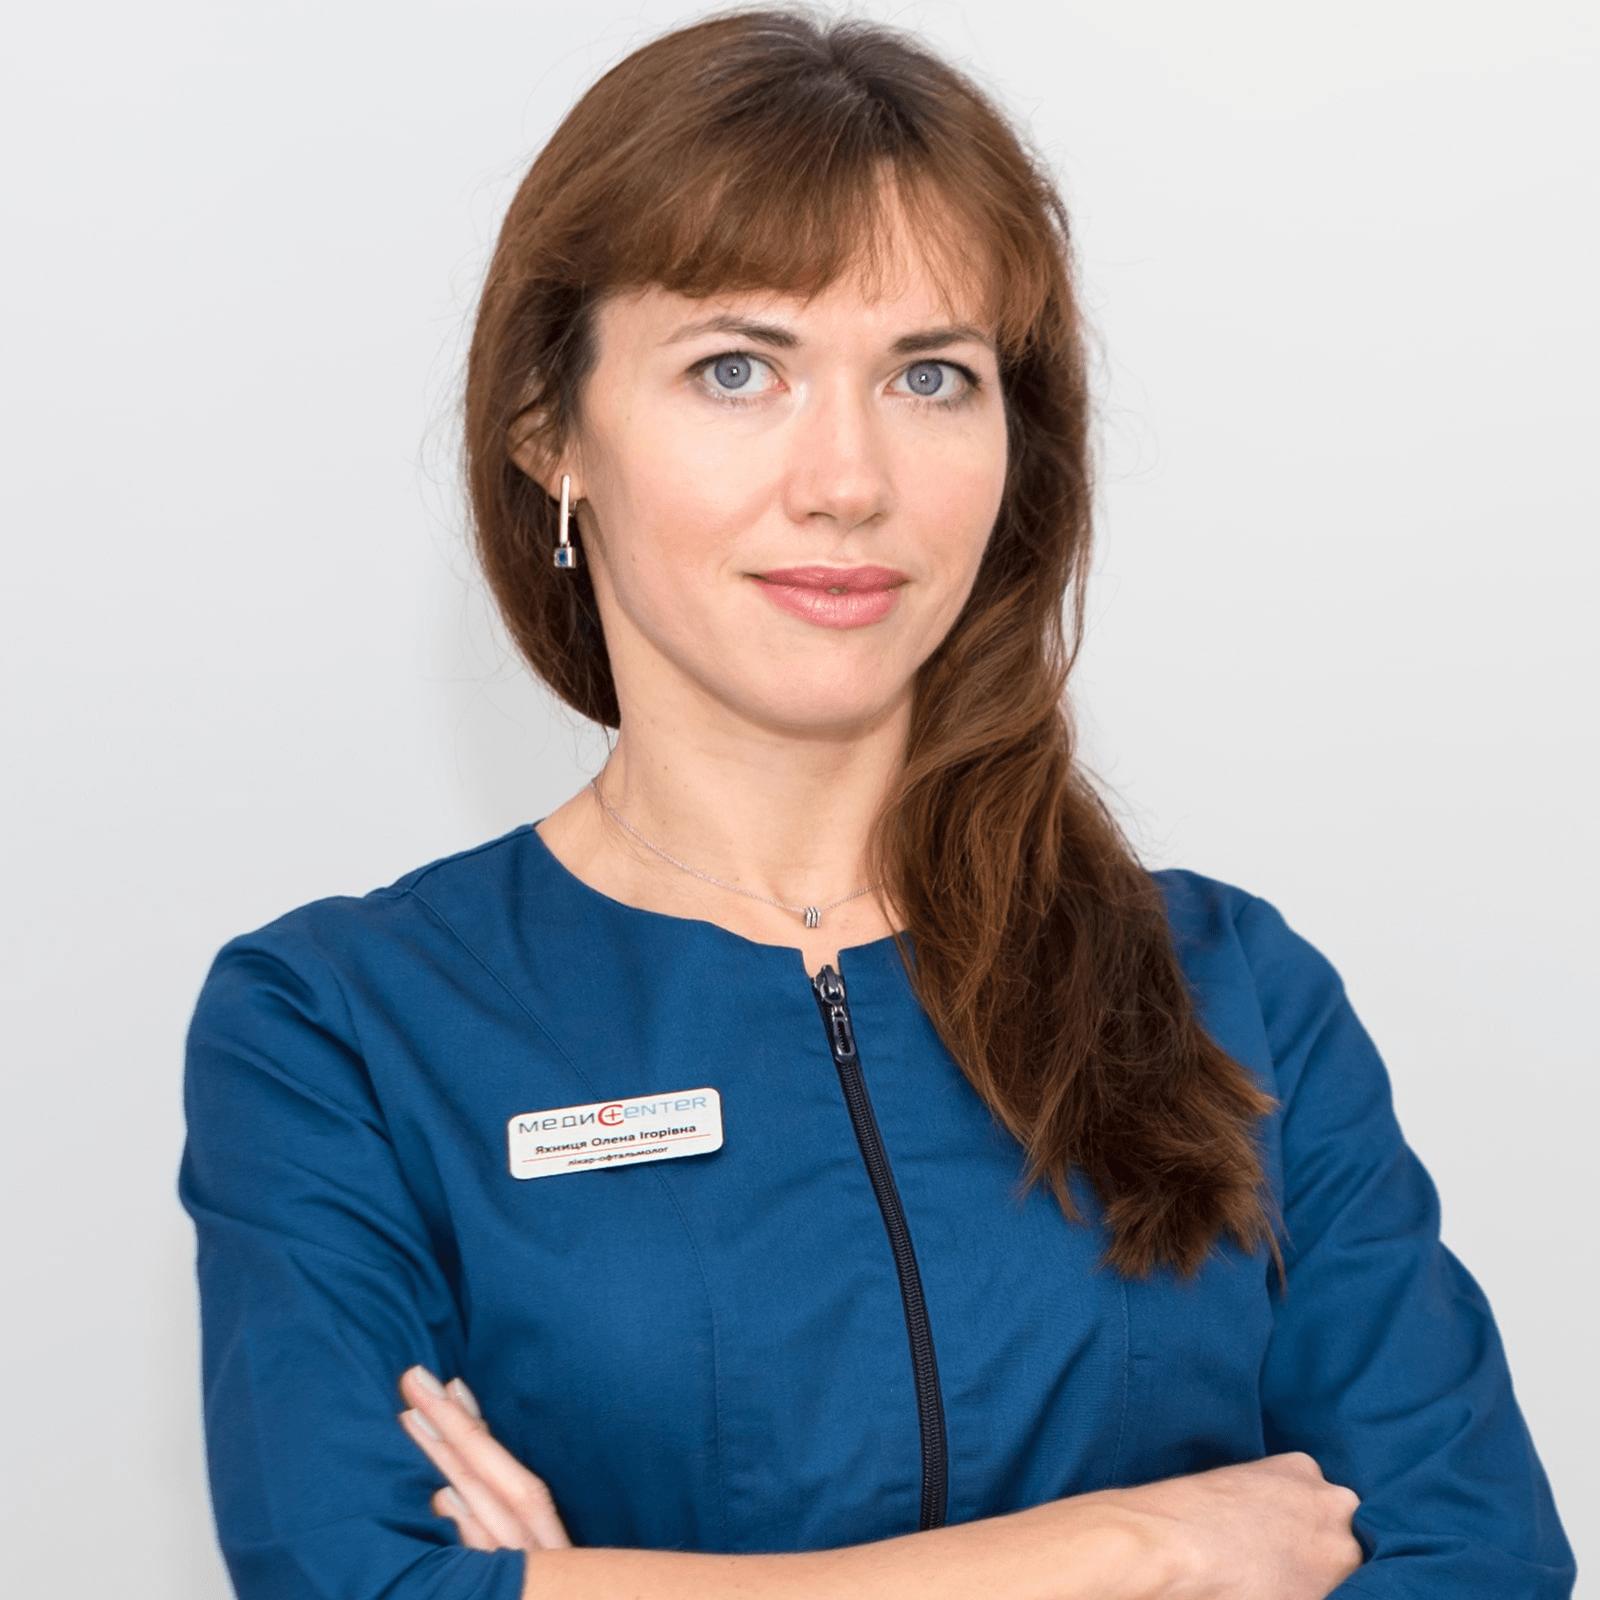 Яхница Елена Игоревна